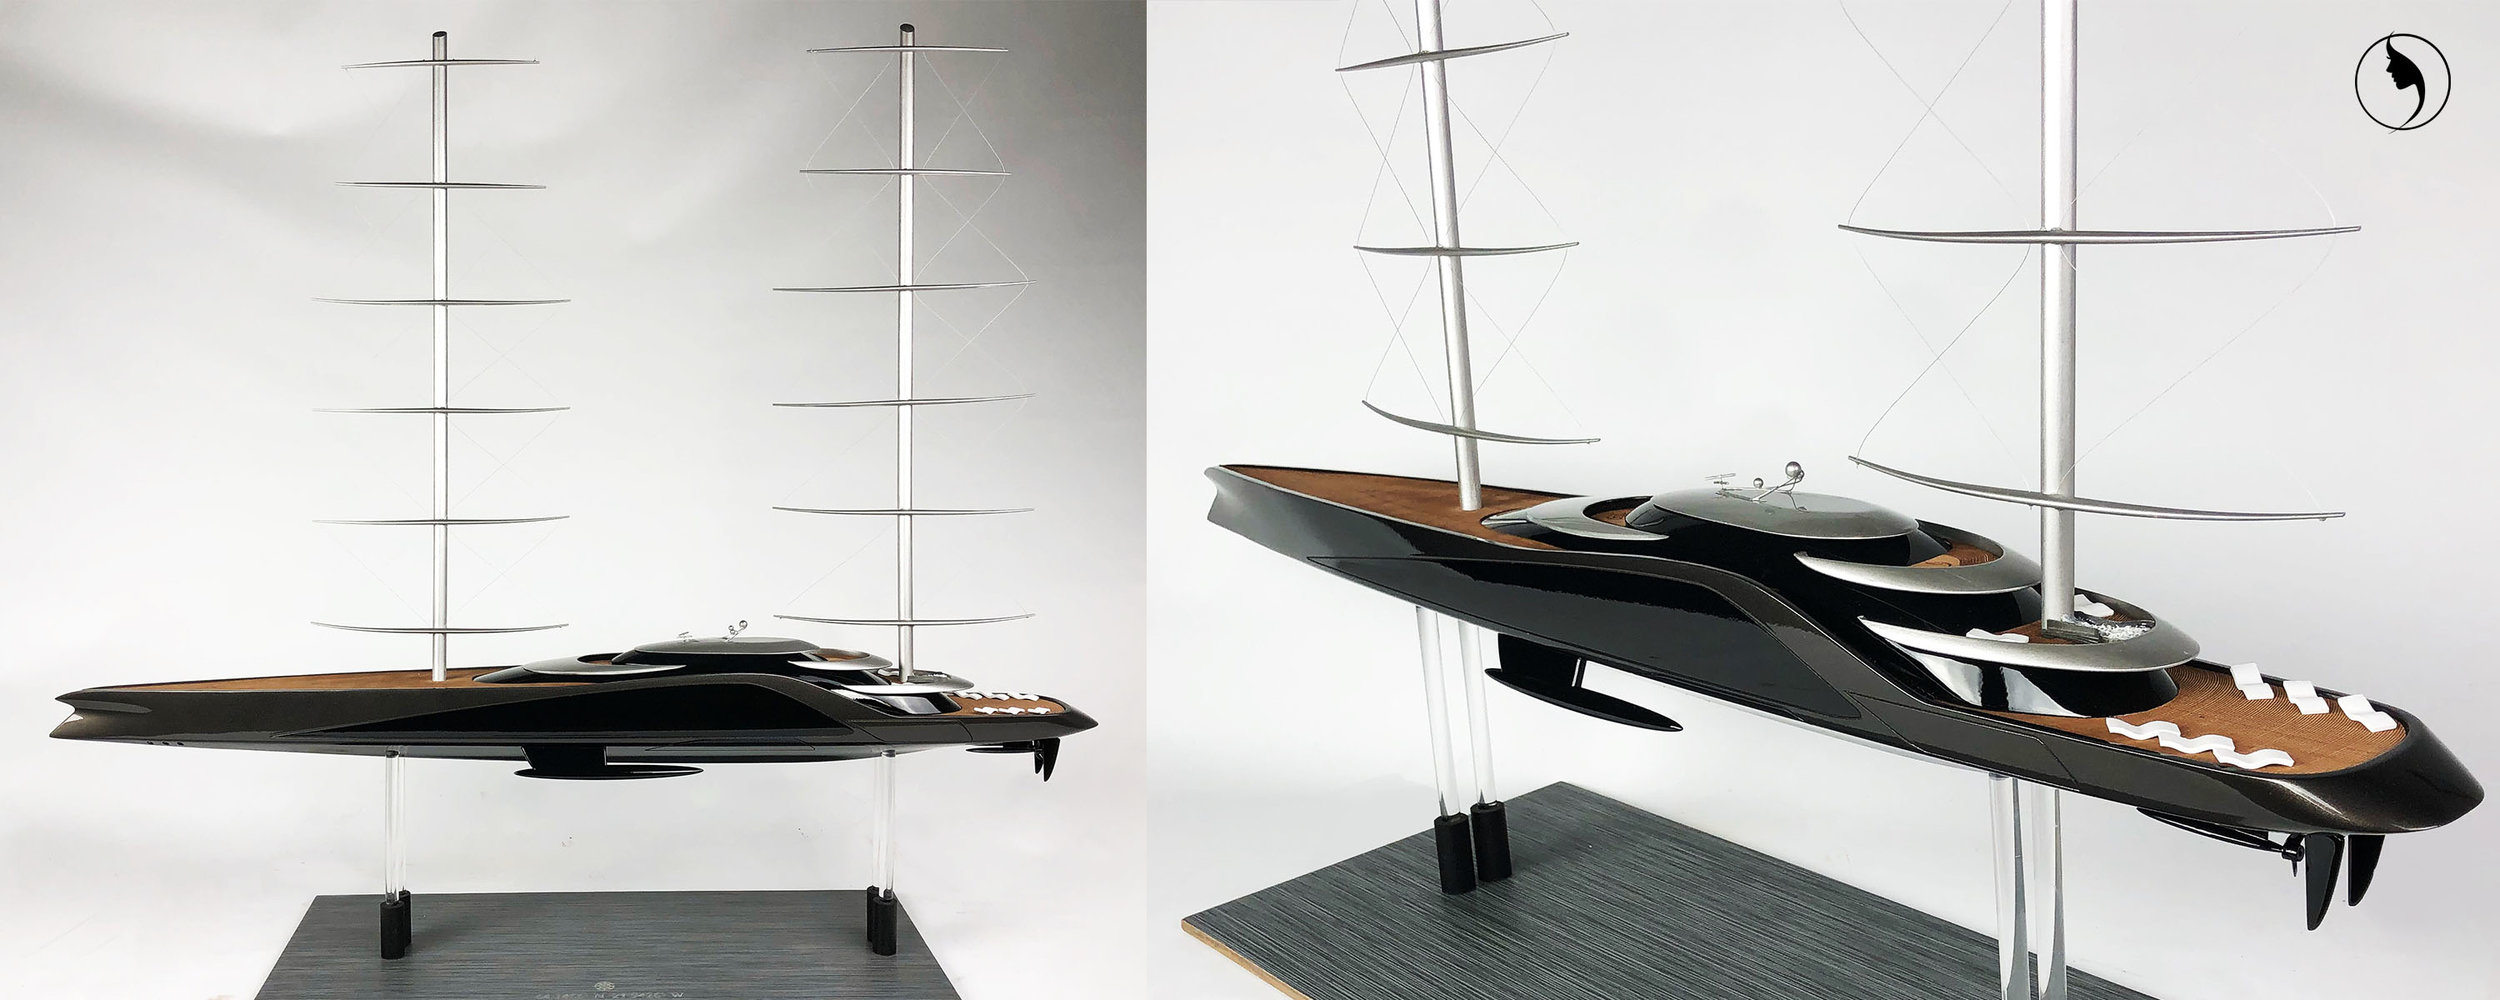 Model 2.jpg